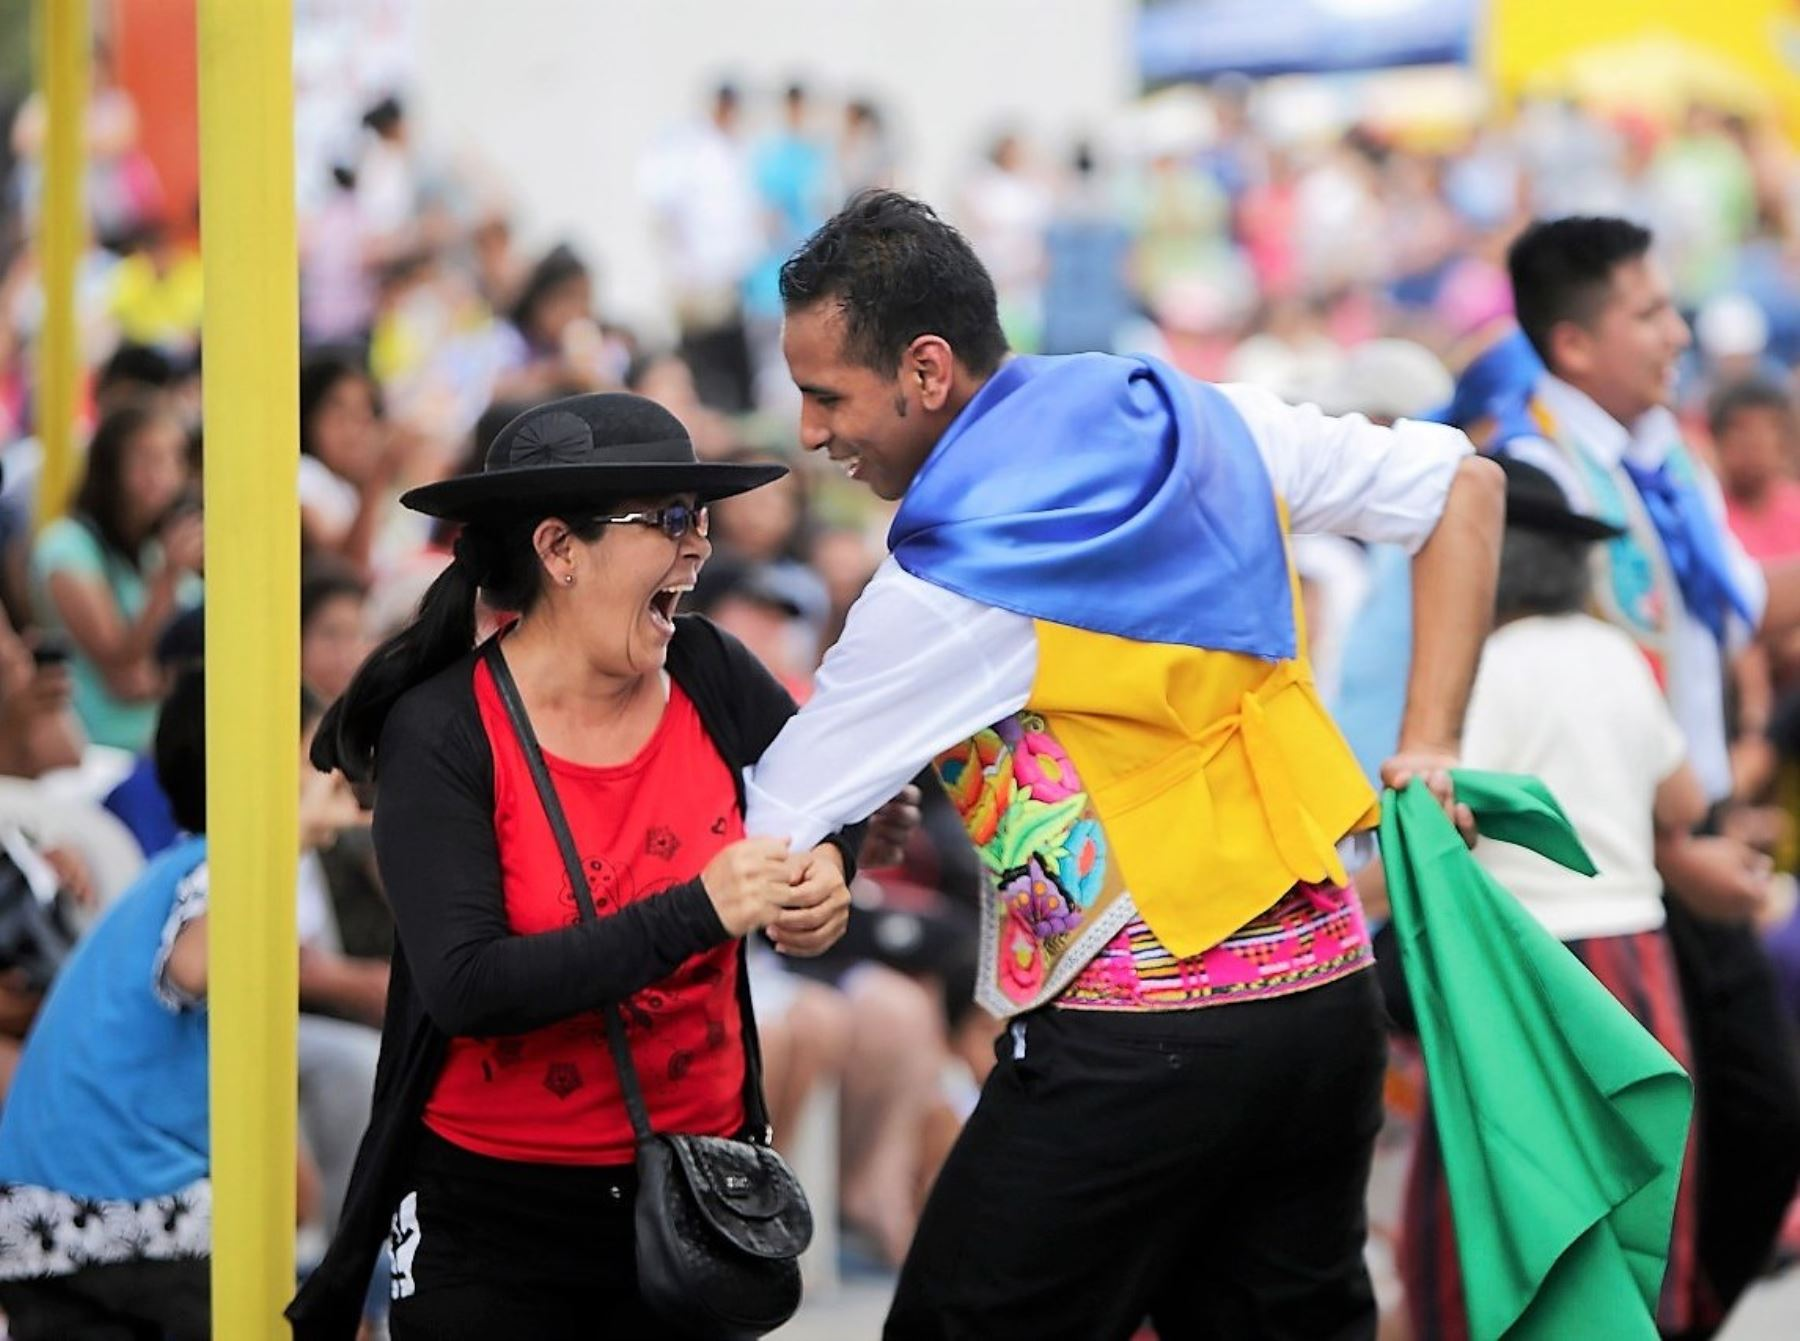 Día del Campesino: clubes zonales ofrecerán espectáculos artísticos para toda la familia